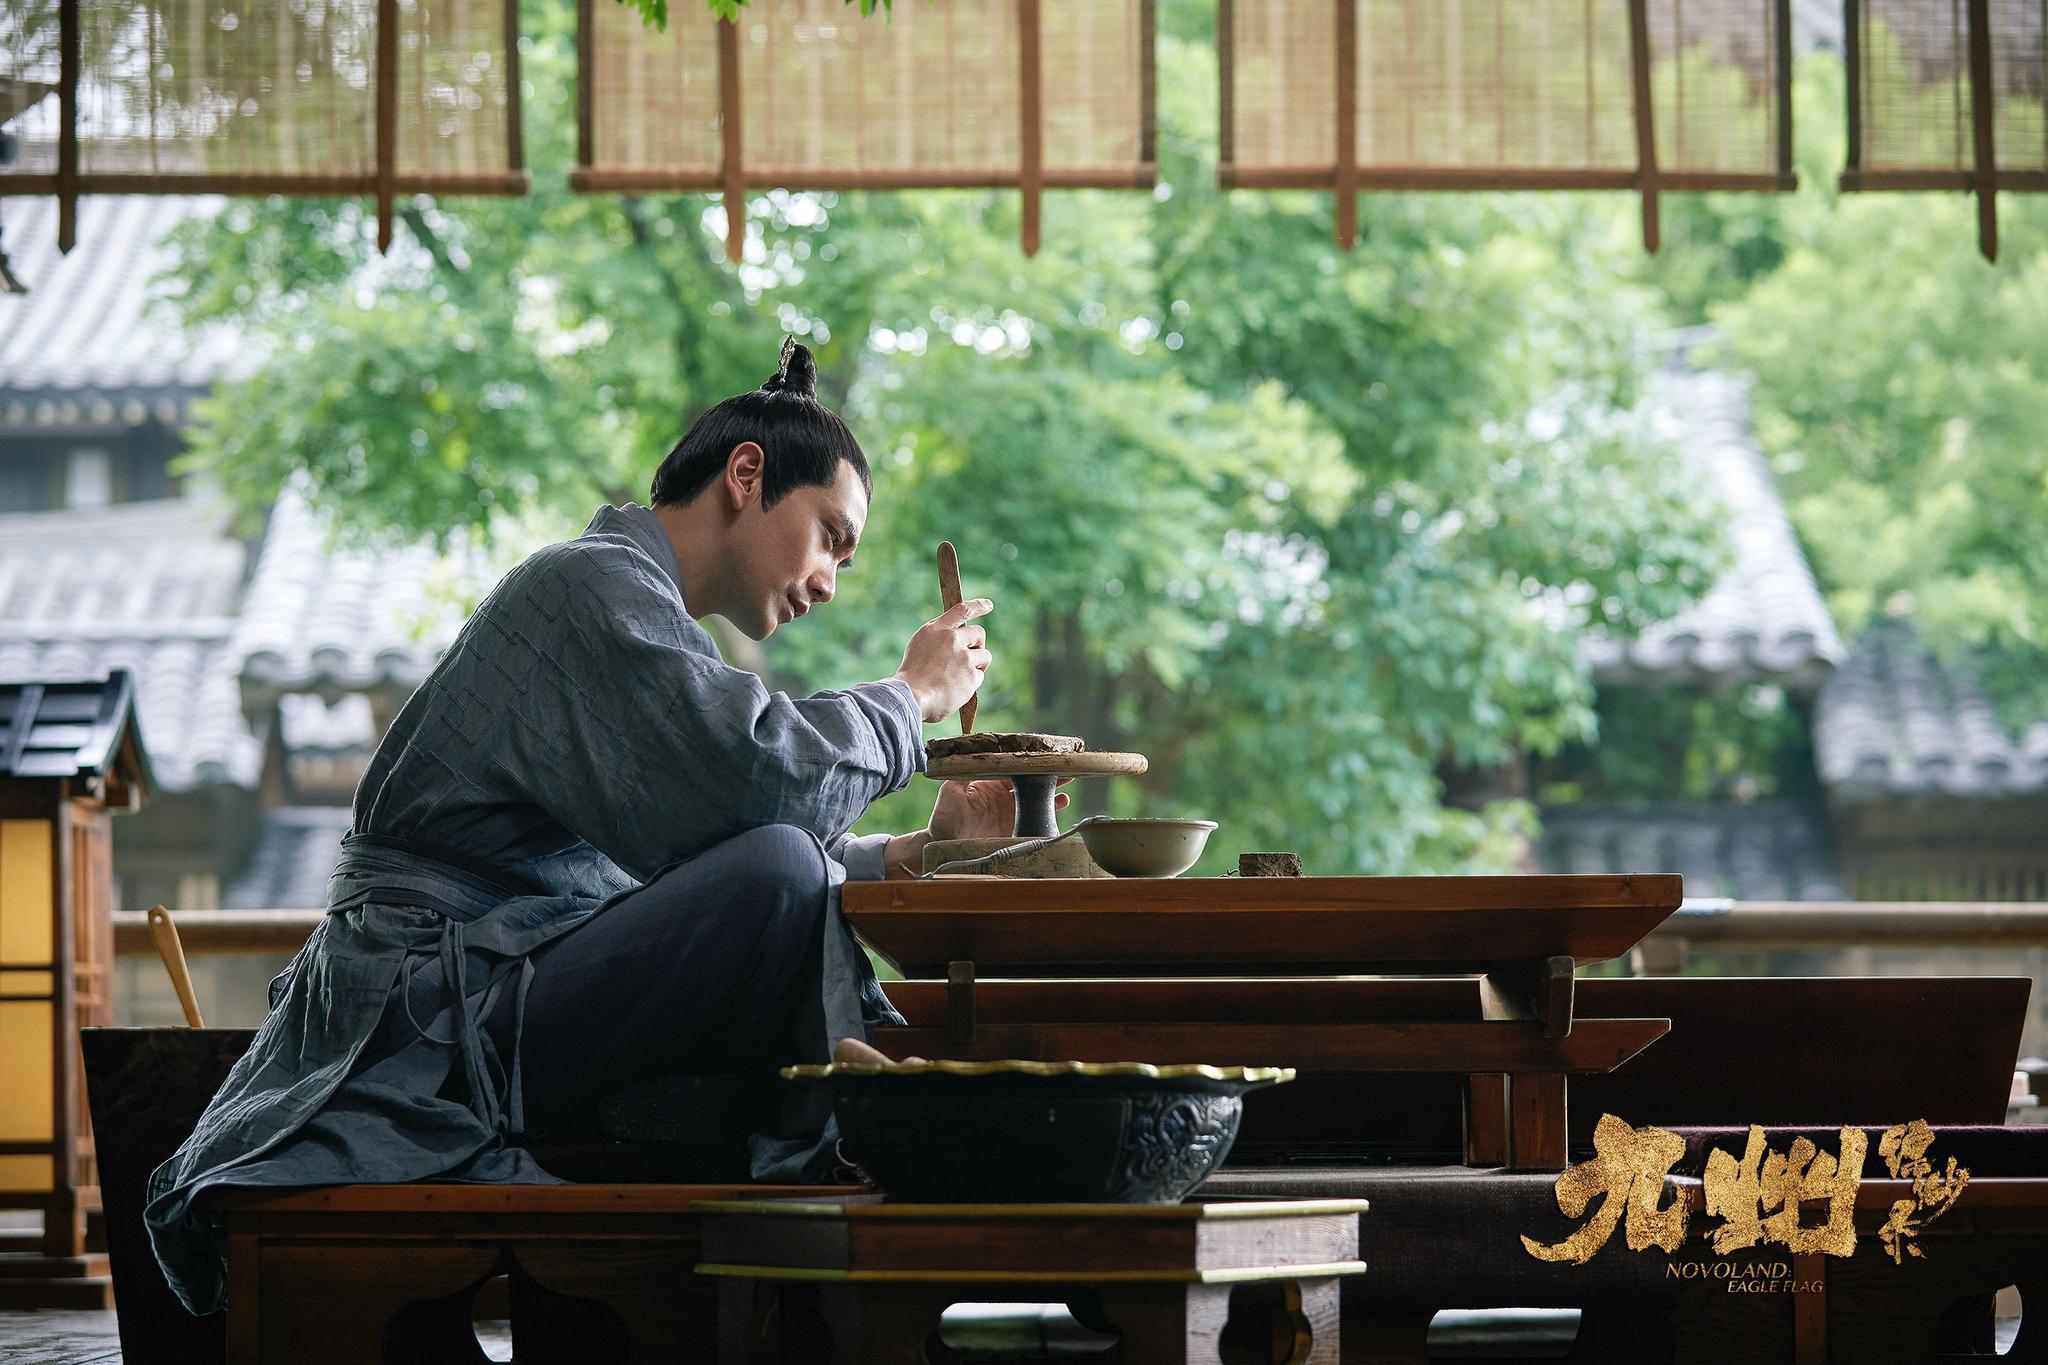 《九州缥缈录》收视强劲问鼎新高 刘昊然再陷生死危机